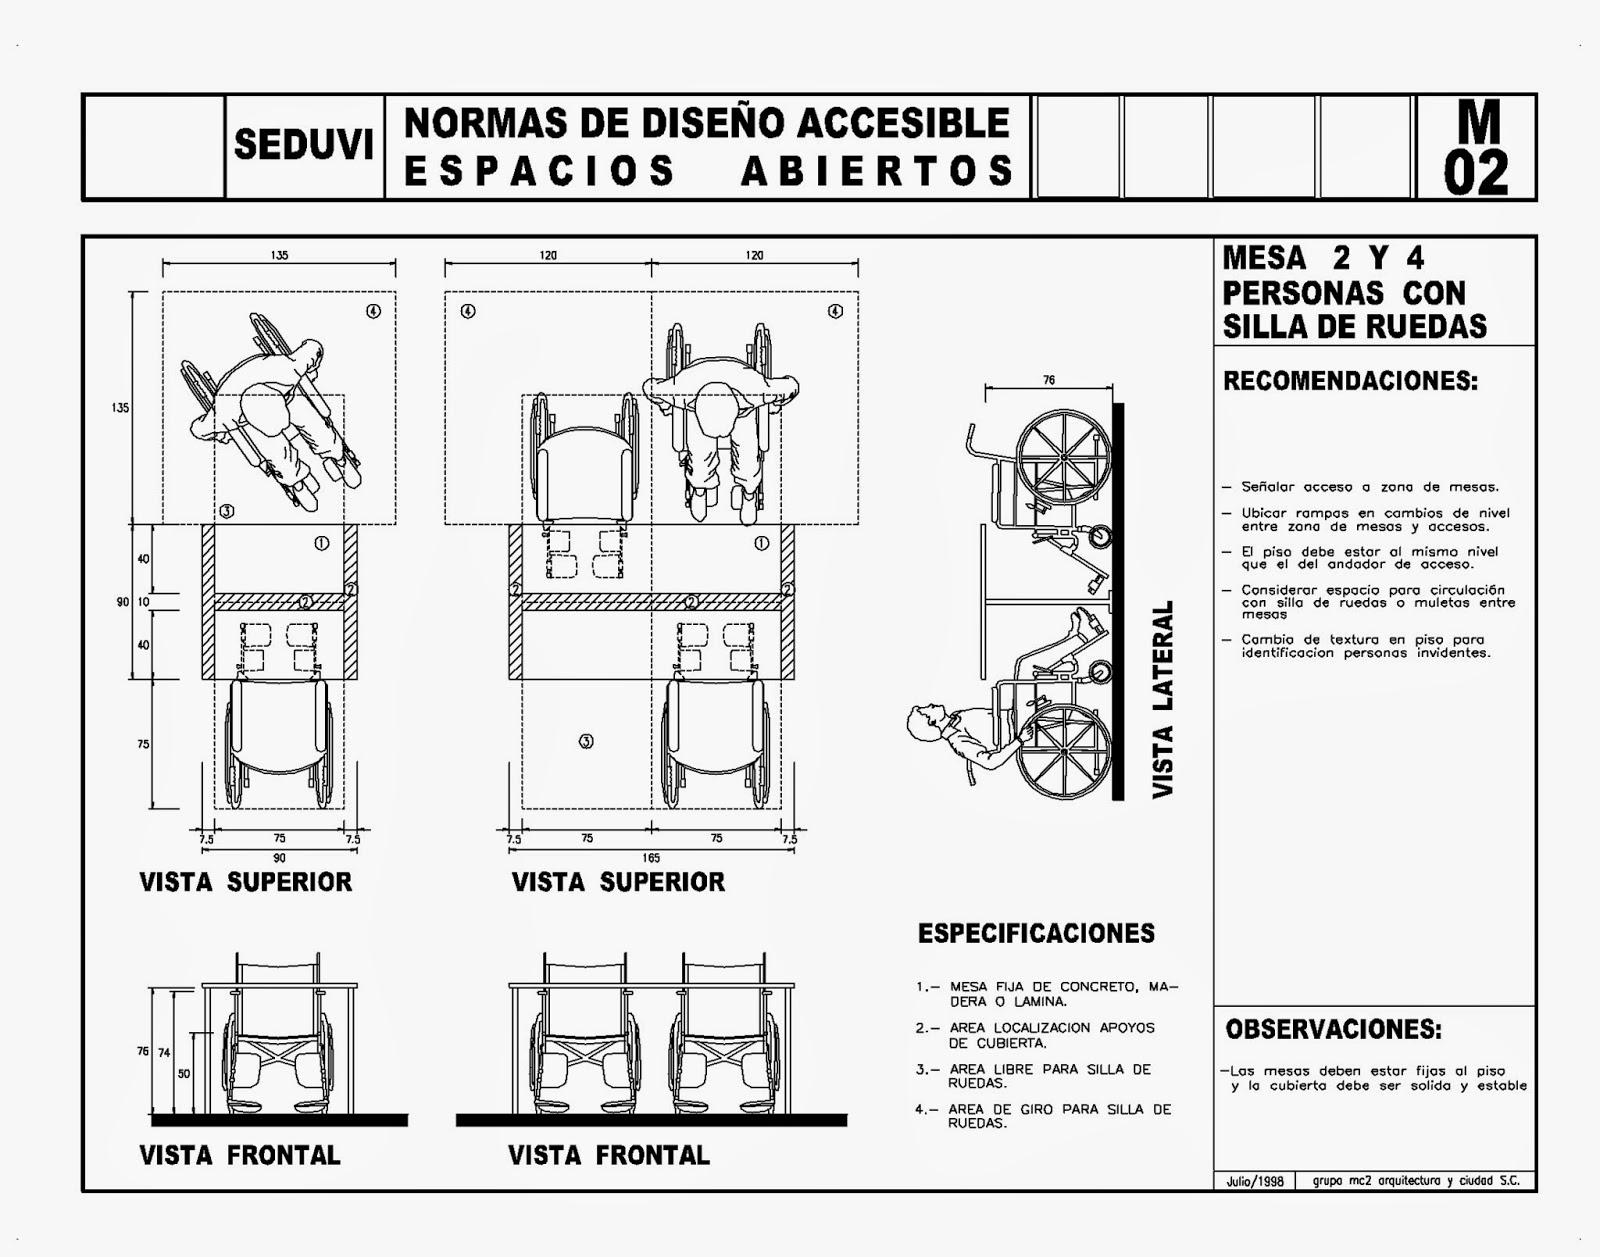 Medidas Baño De Discapacitados:Todo para el Arqui: Normas diseño discapacitados (3) SEDUVI – Autocad